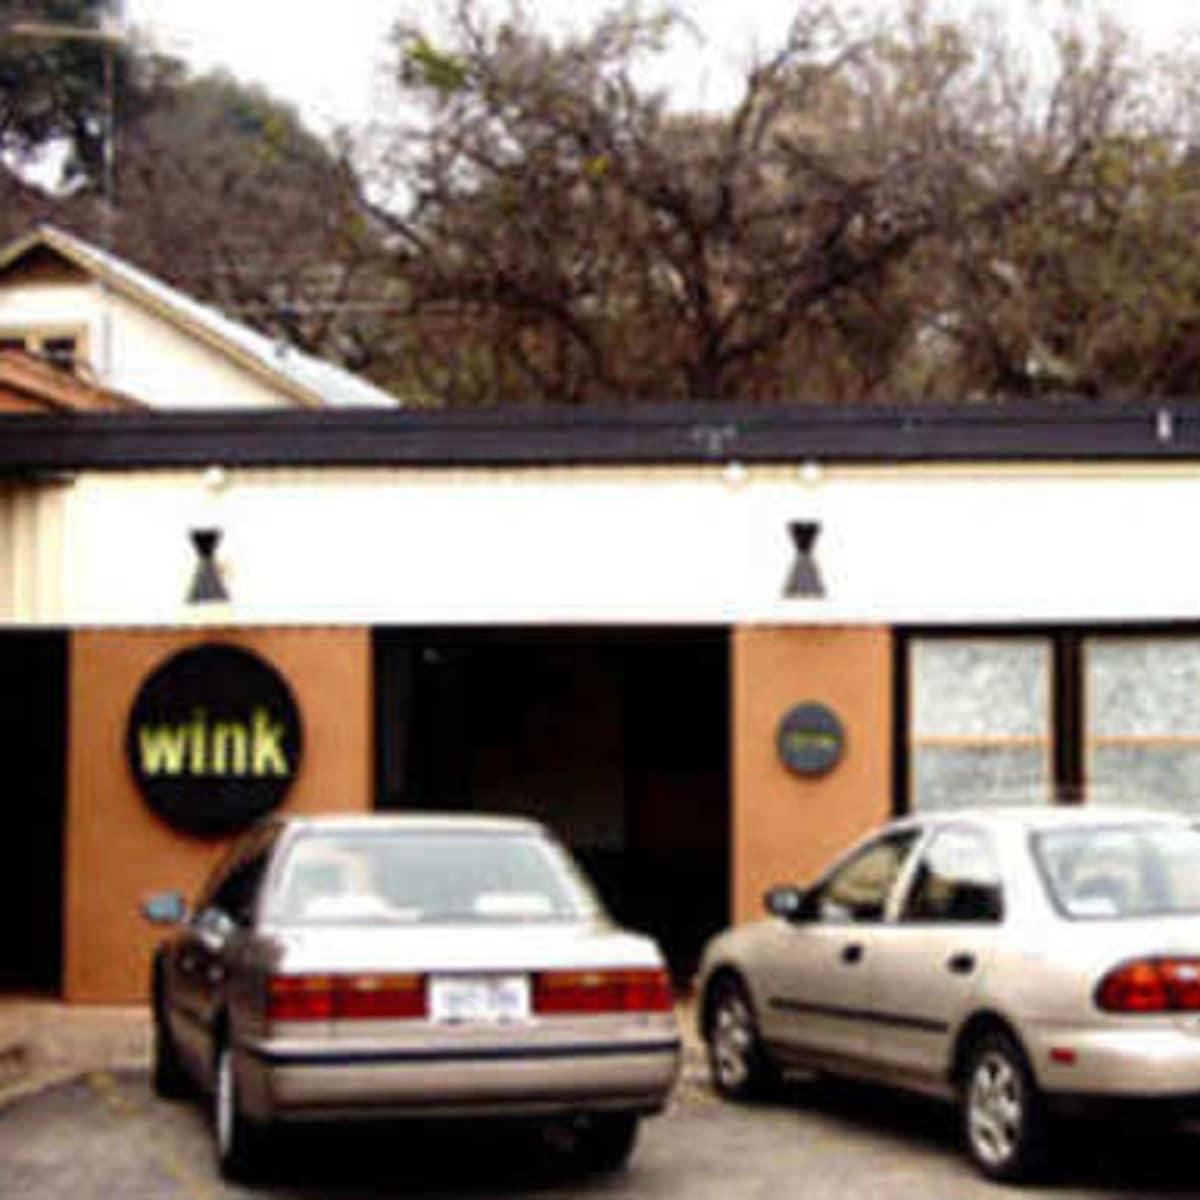 Austin_photo: places_food_wink_exterior